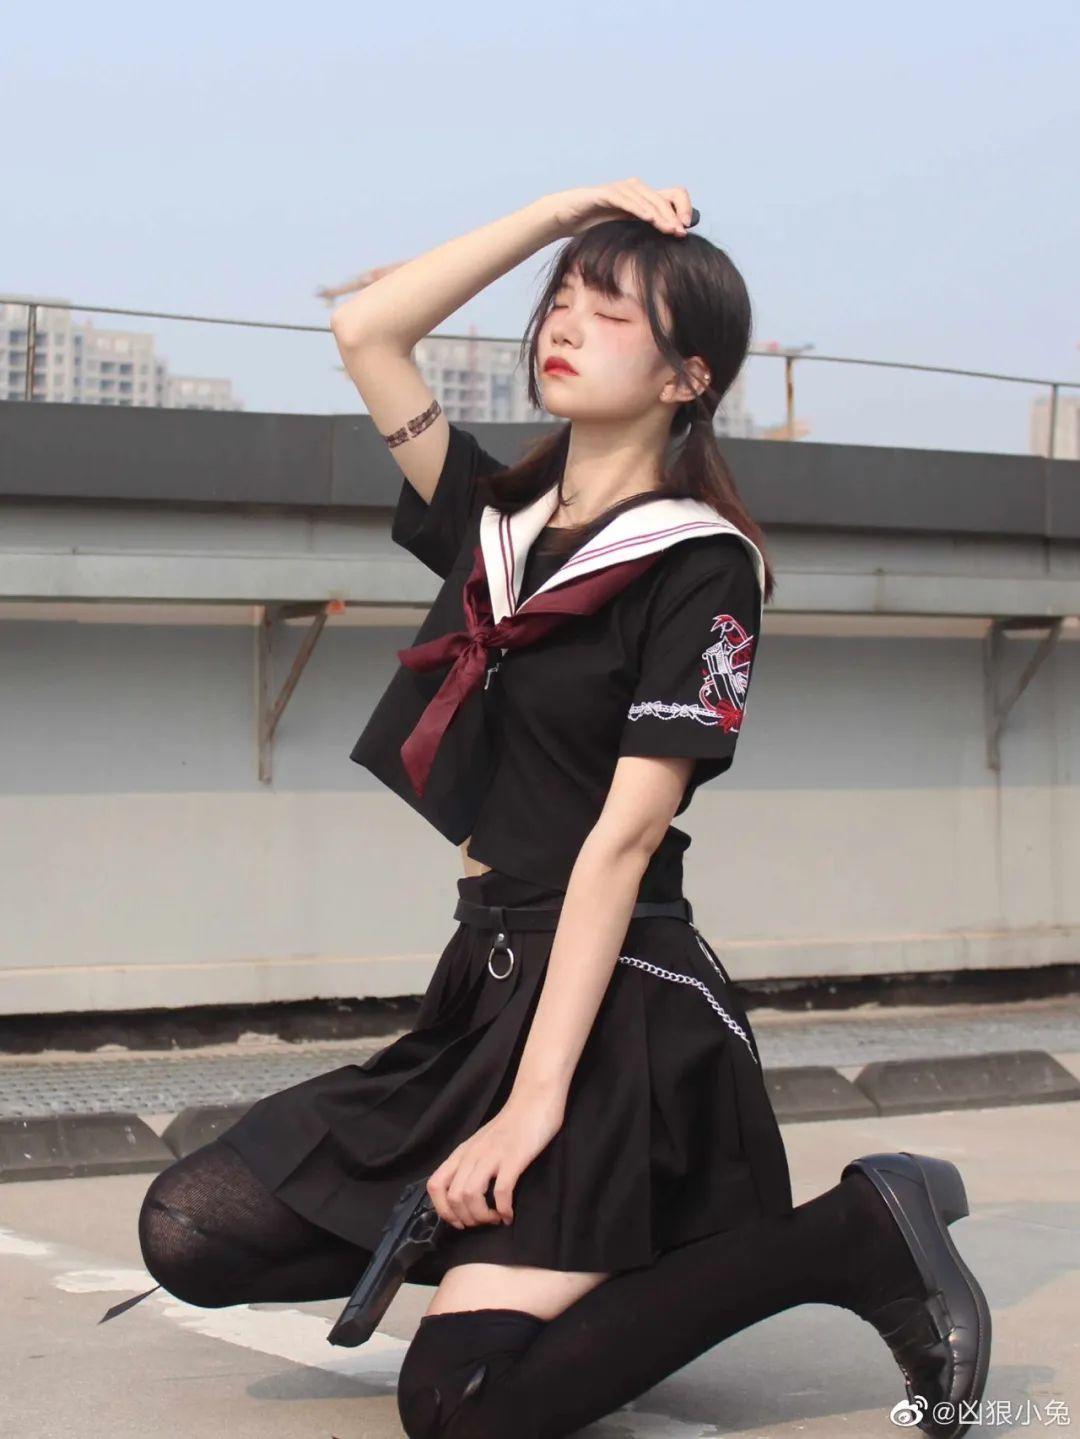 妹子摄影 – JK制服兽耳娘小姐姐+ 双马尾小姐姐_图片 No.15